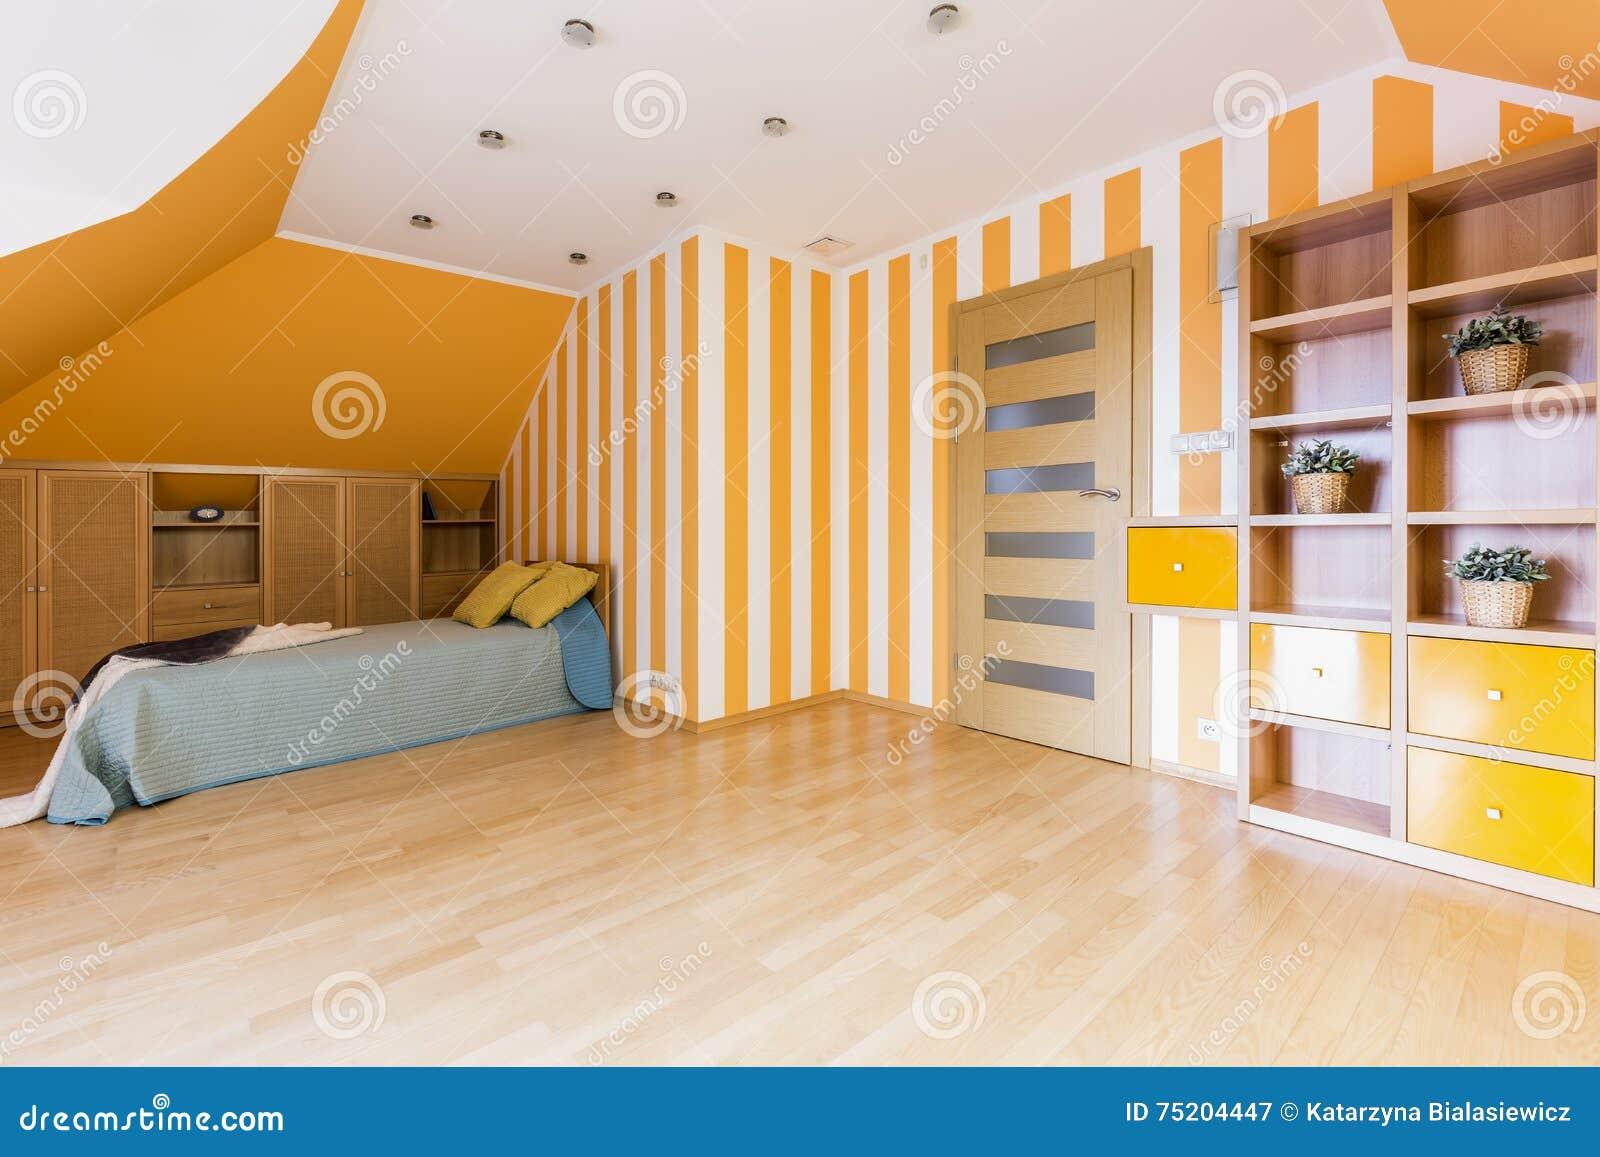 Chambre à Coucher énergique Dans Orange Et Blanc Image stock - Image ...